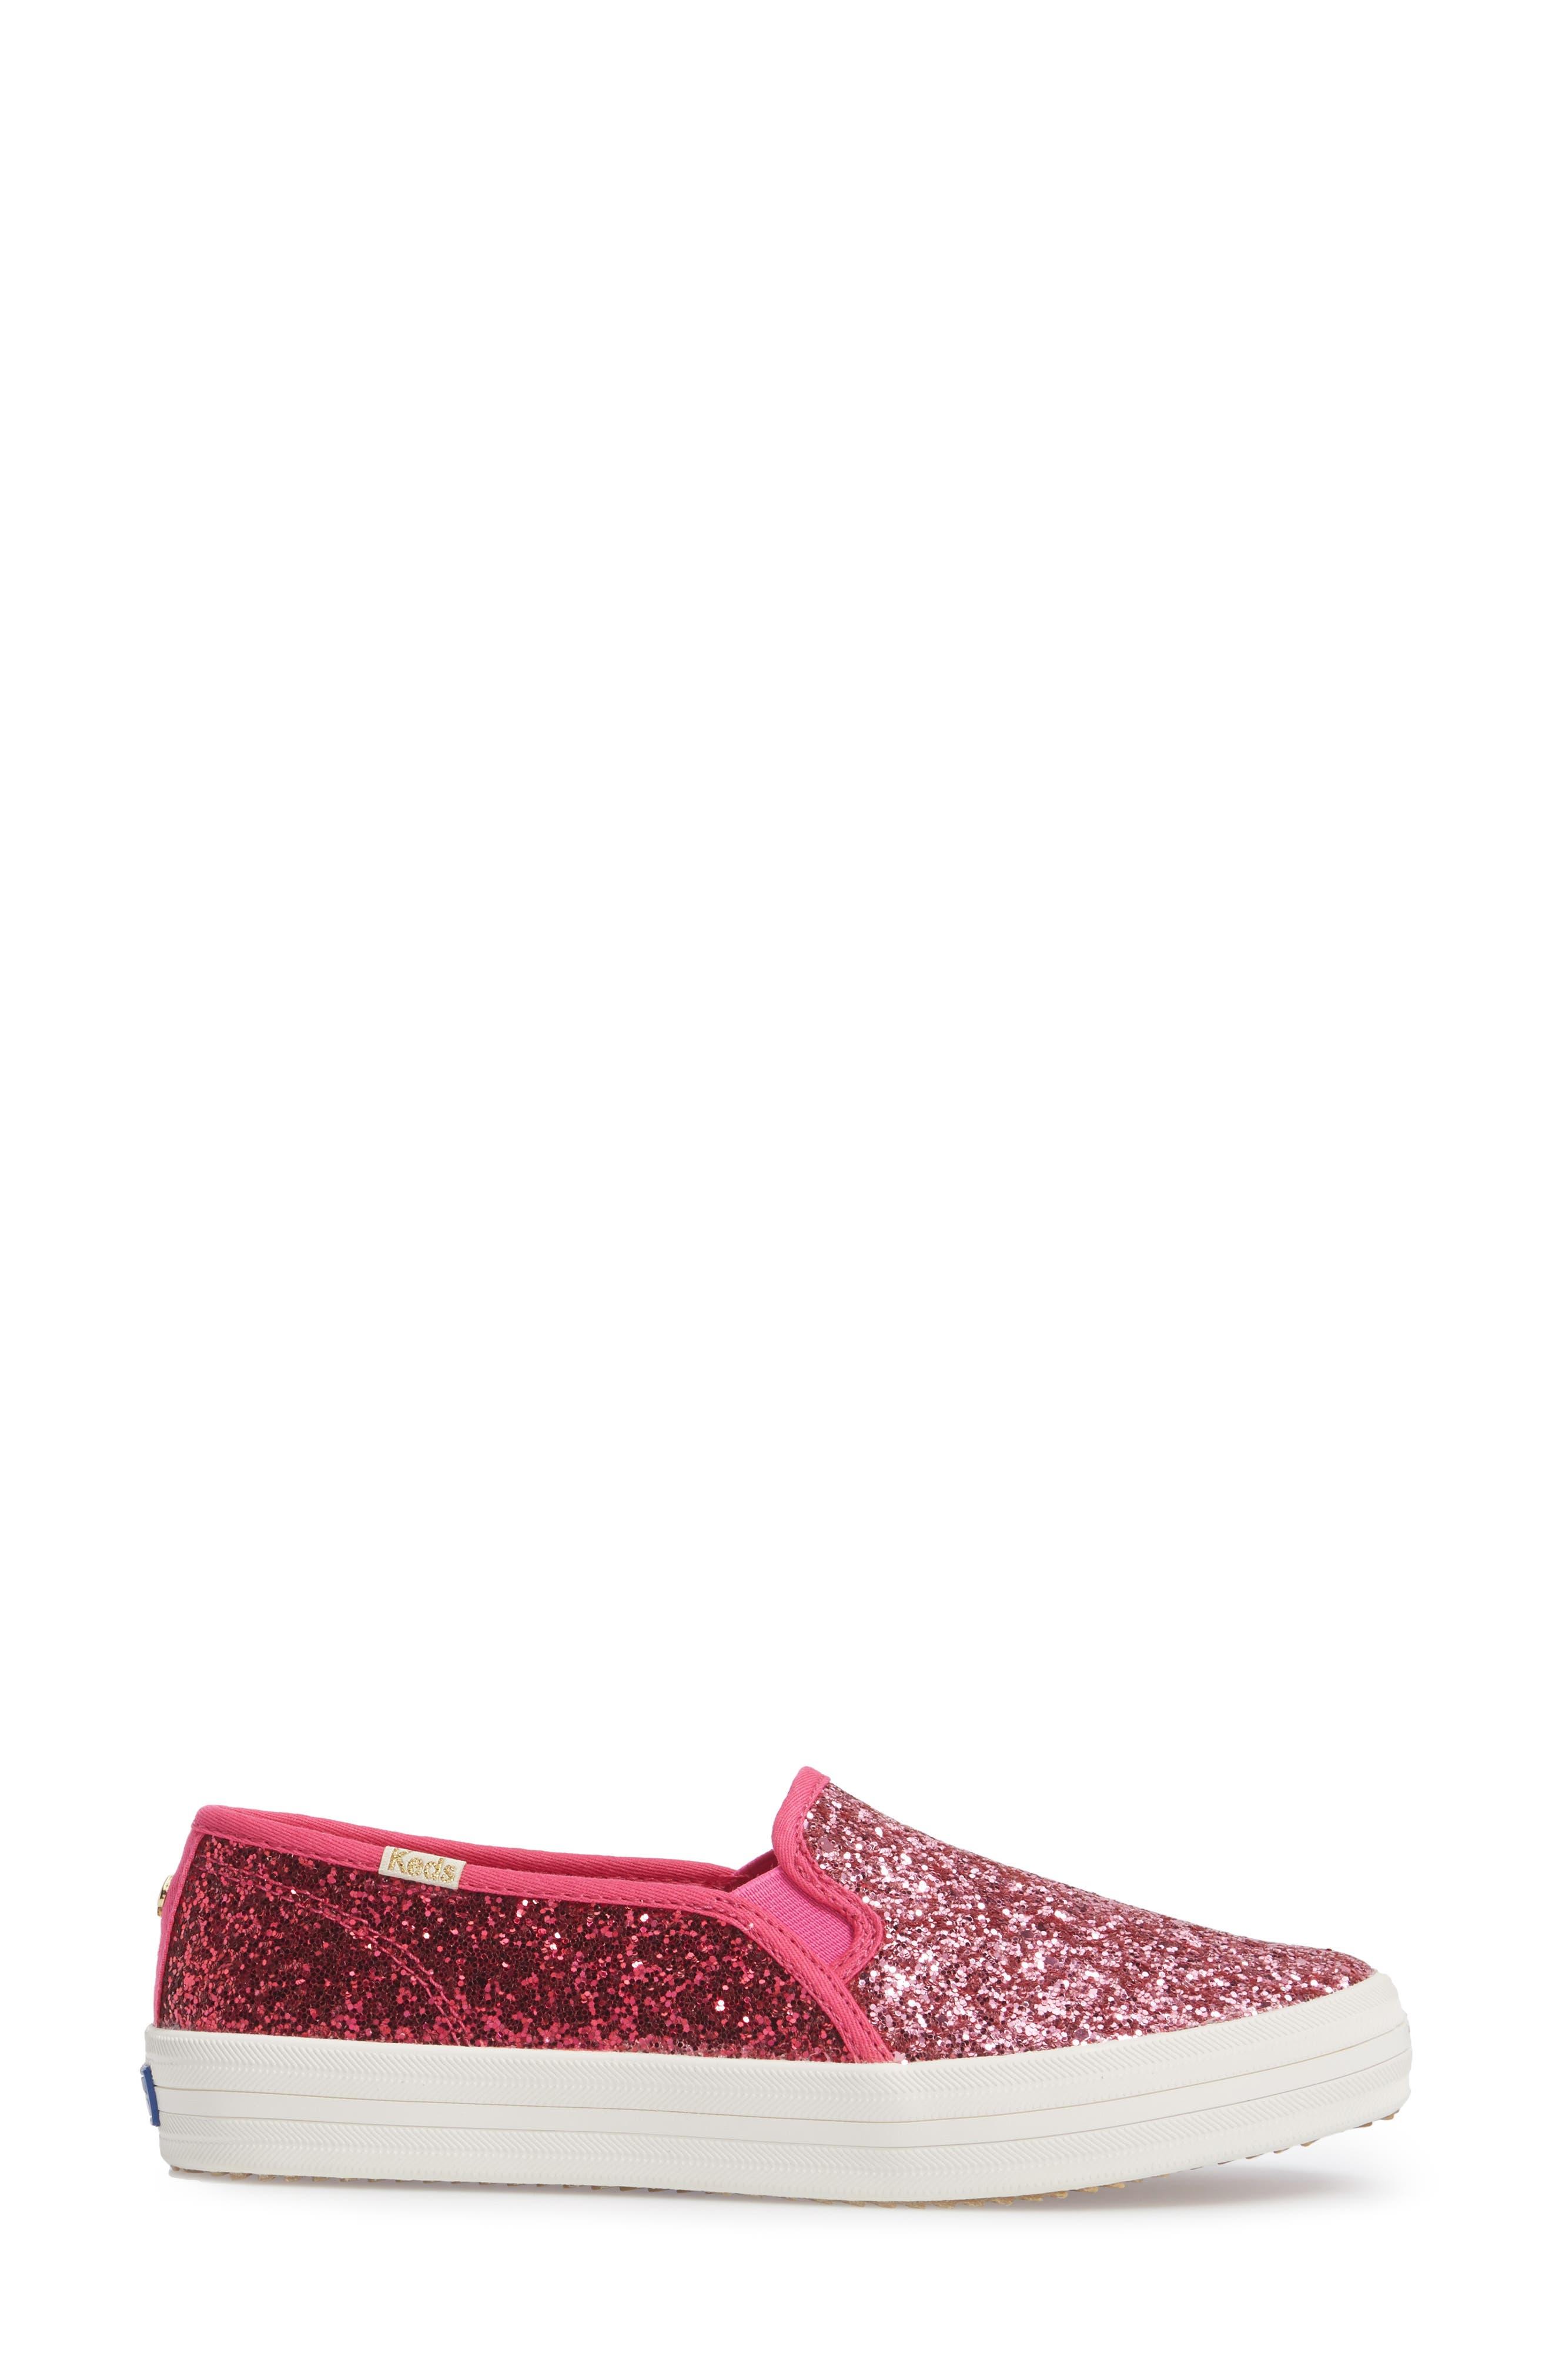 double decker glitter slip-on sneaker,                             Alternate thumbnail 3, color,                             Pink Glitter